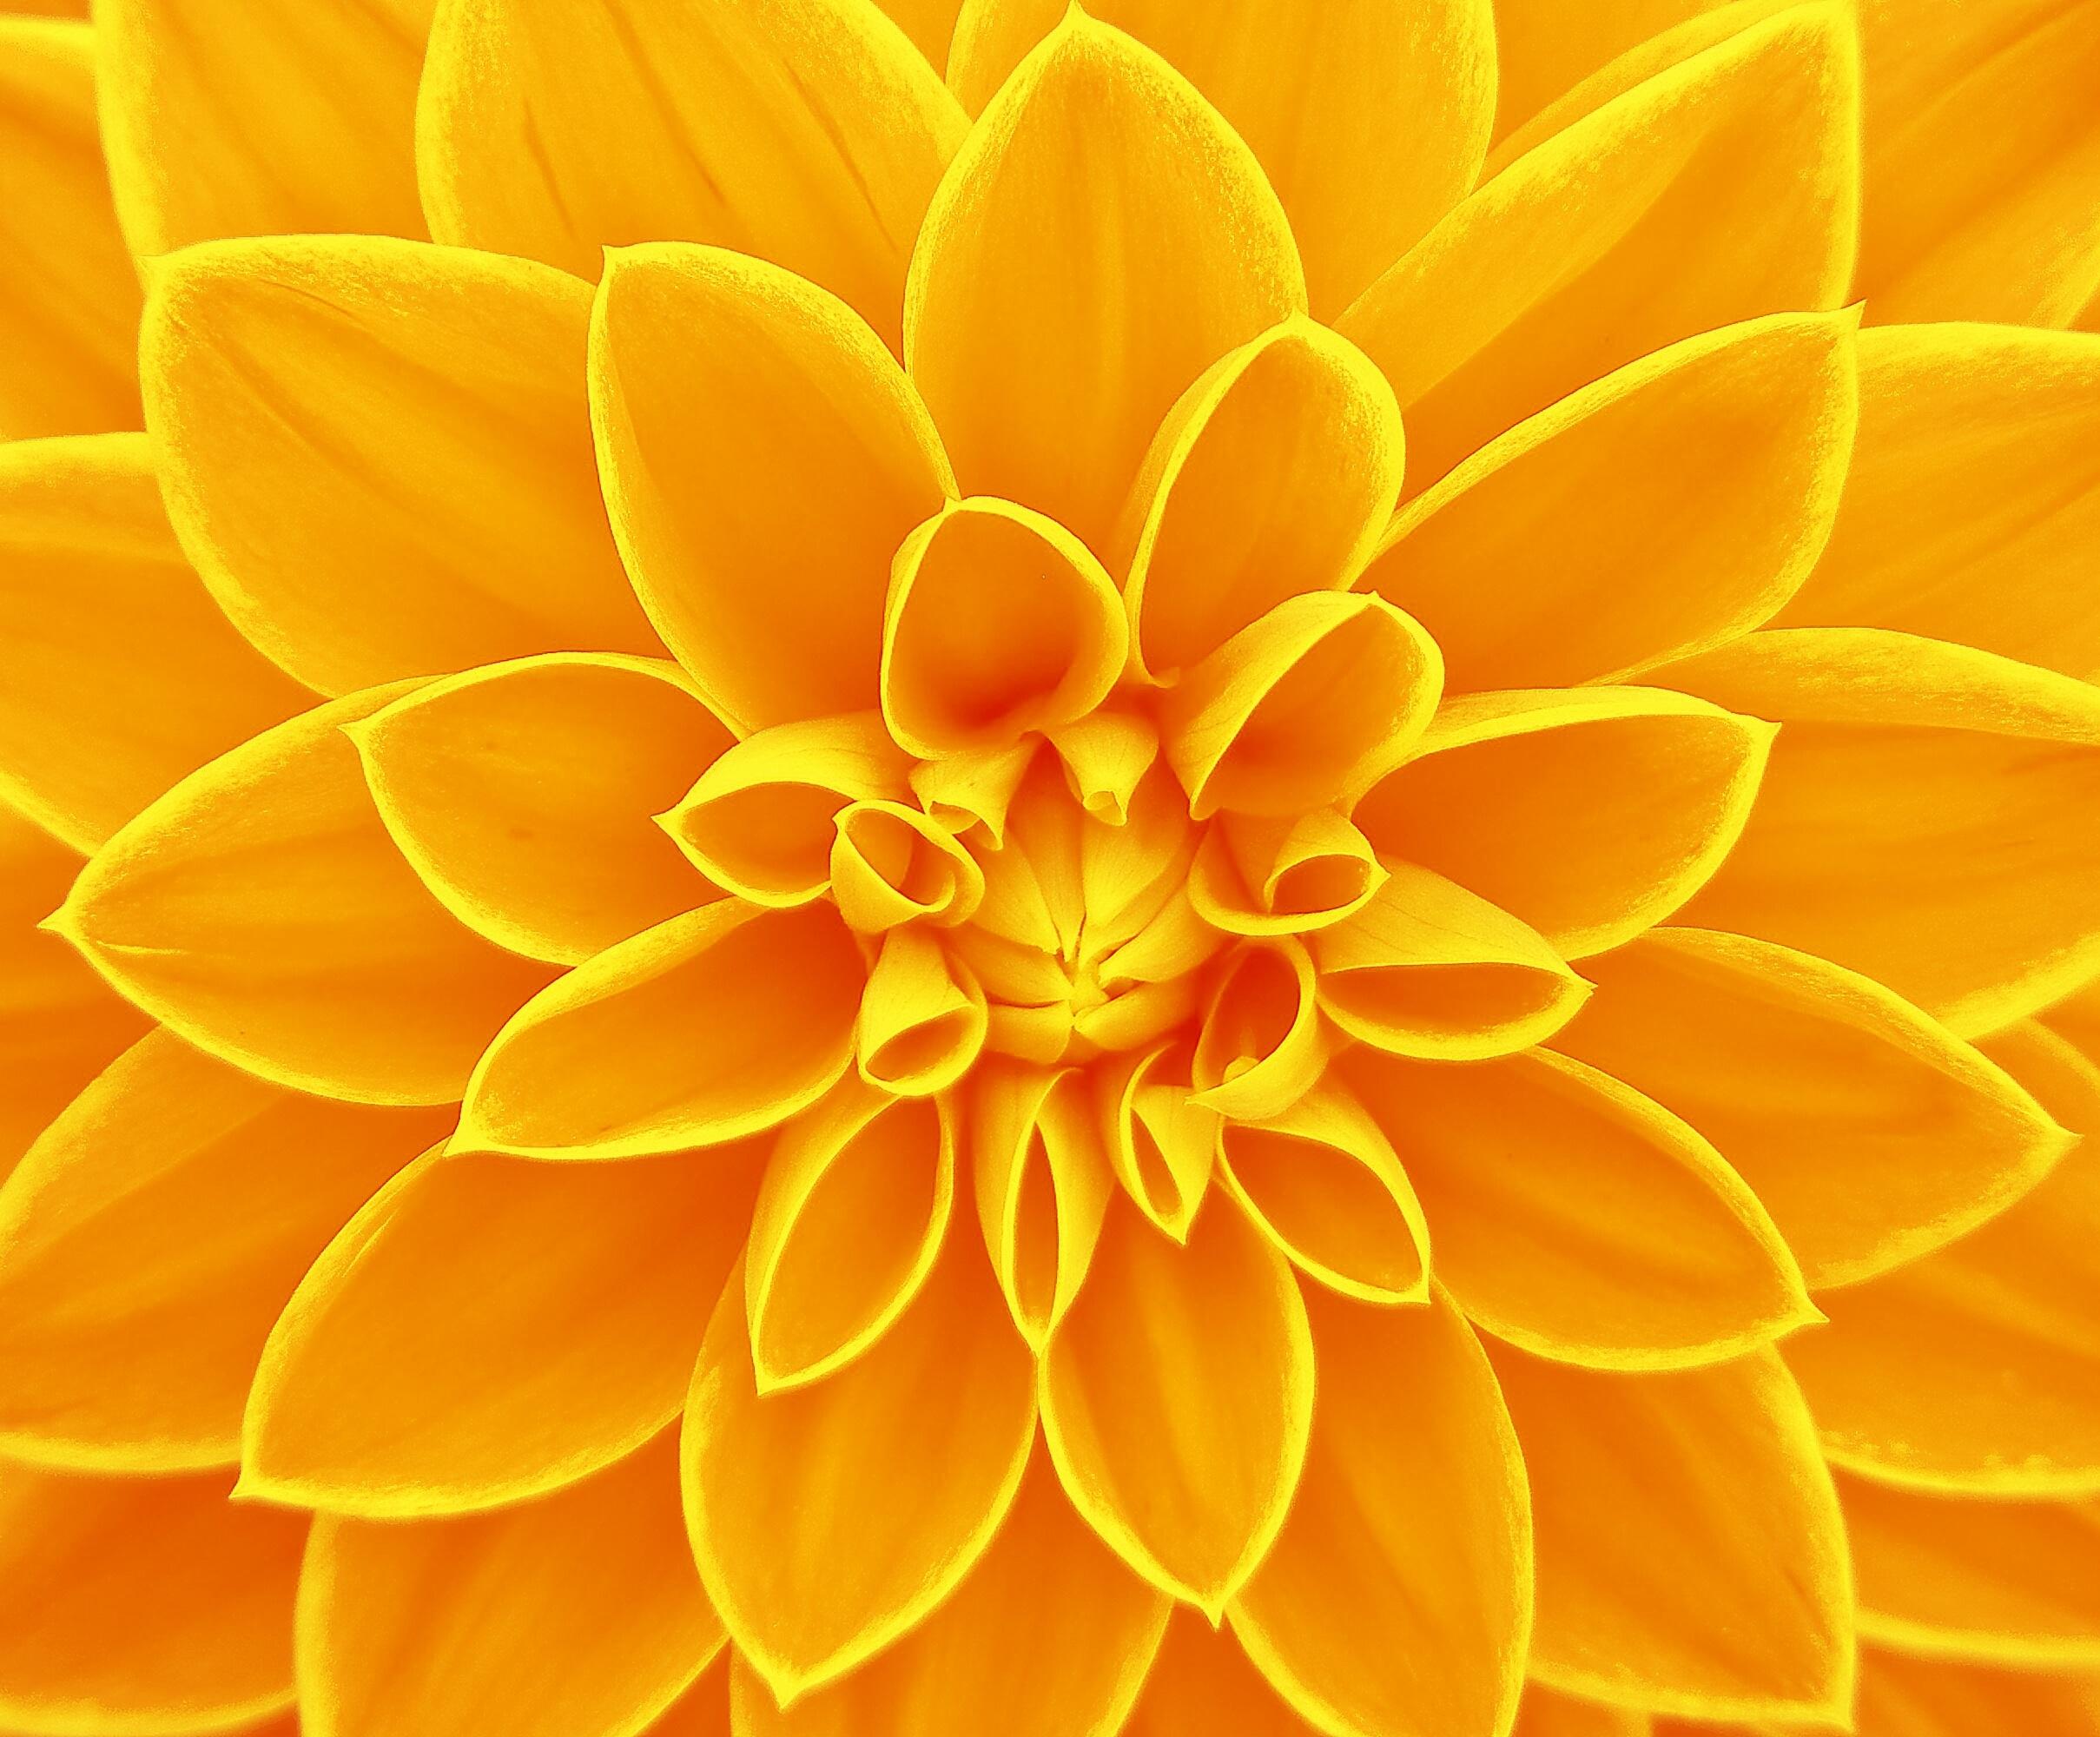 Images Gratuites : fleur, pétale, jaune, dahlia, Contexte, brillant, Gerbera, Macrophotographie ...